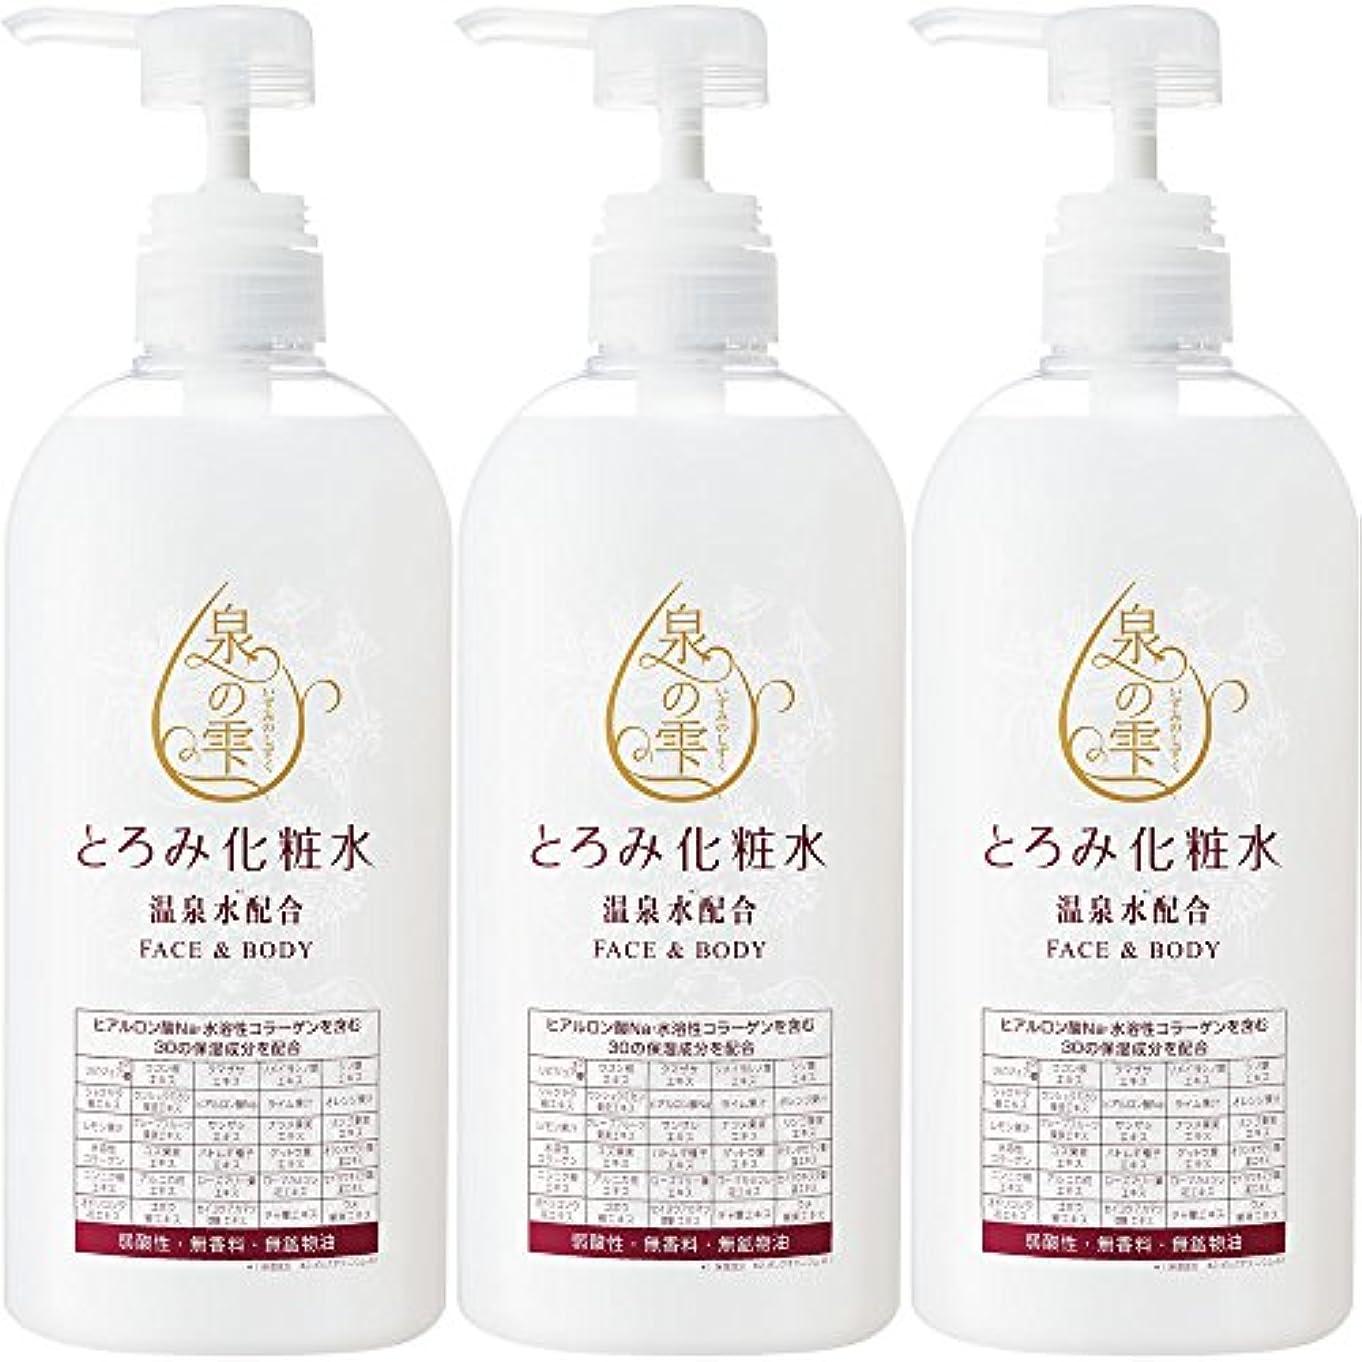 泉の雫 とろみ化粧水 (700ml×3本セット) [顔や身体にたっぷり使える大容量] 弱酸性?無香料?無鉱物油